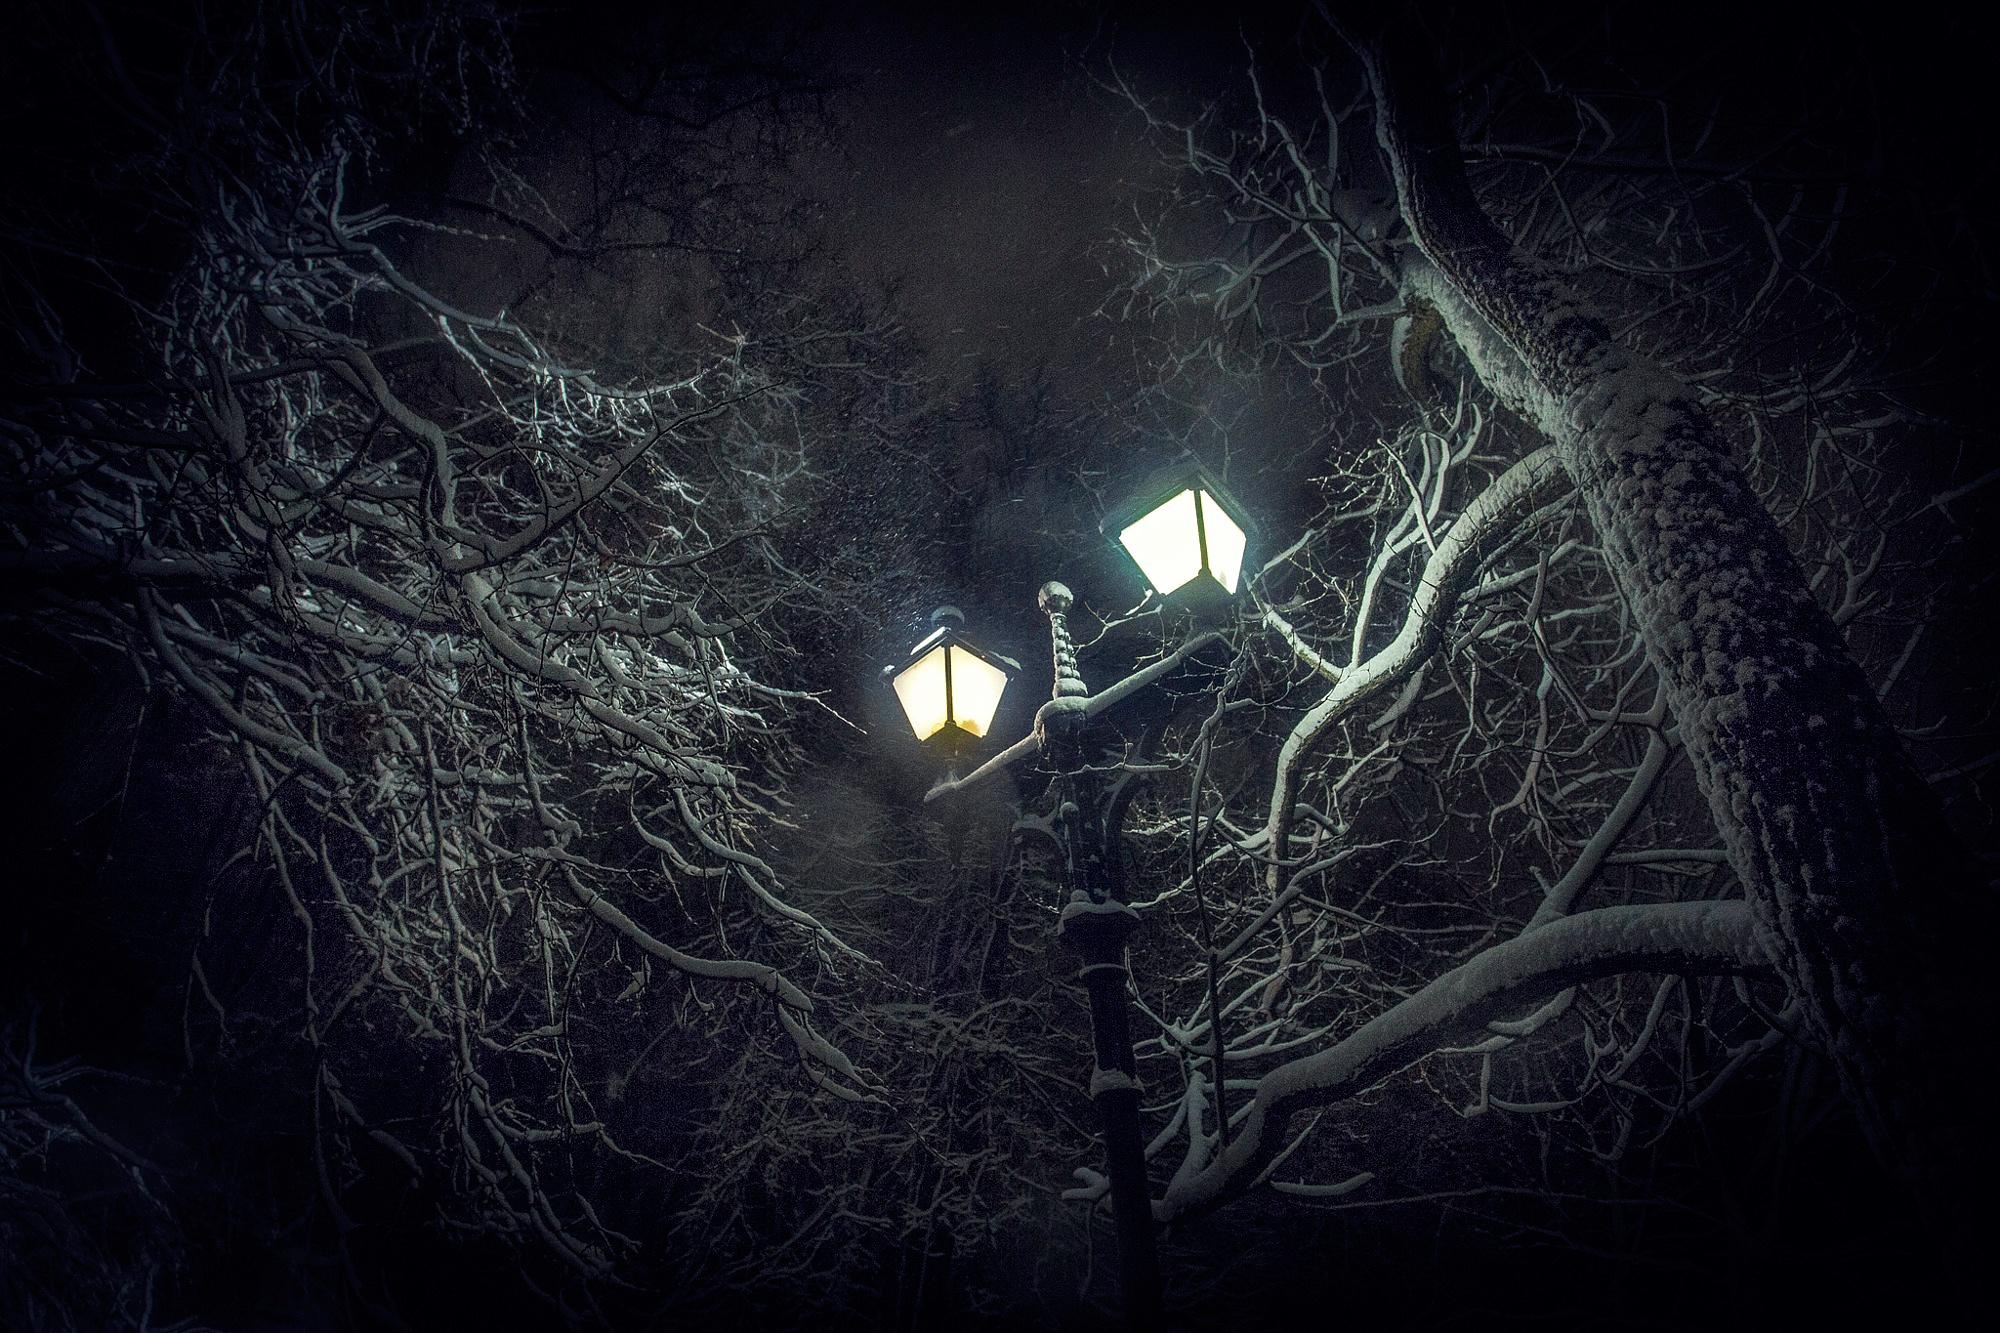 дерево фонарь картинки работу